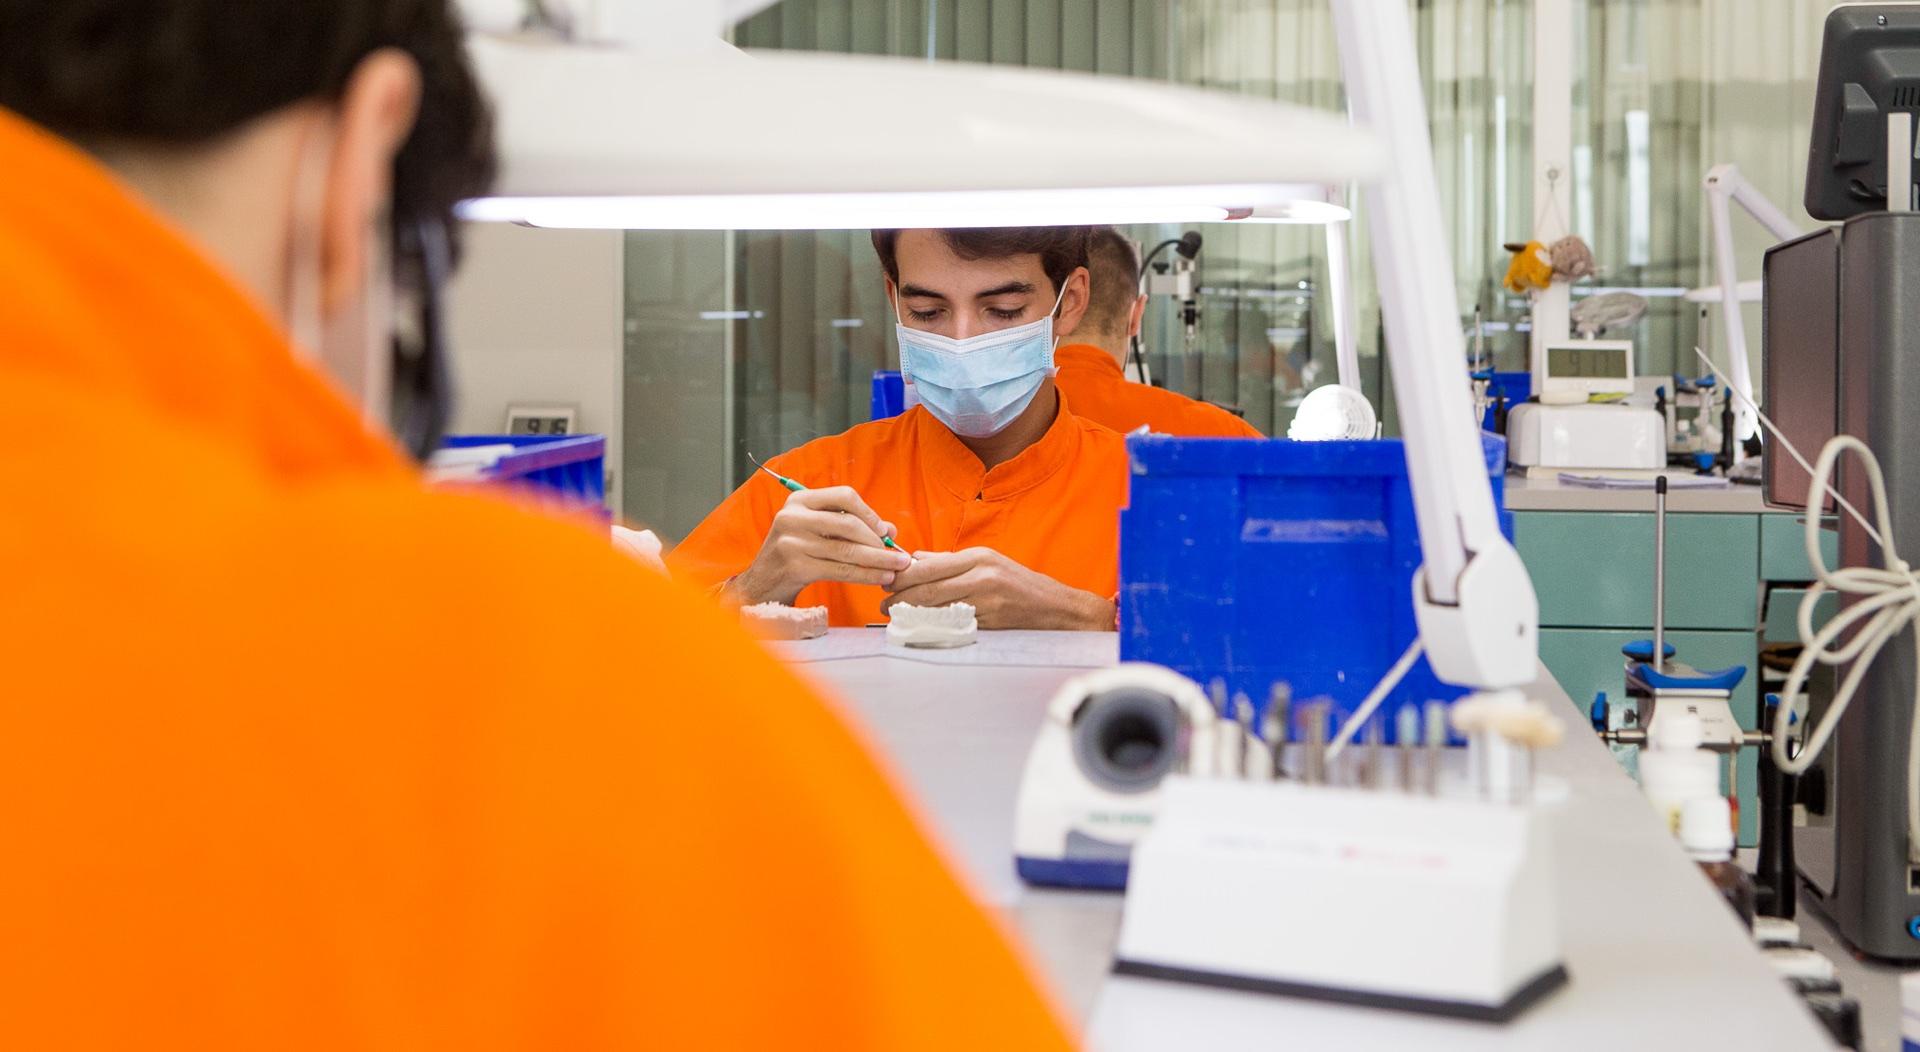 Tecnici Specializzati Laboratorio Modena